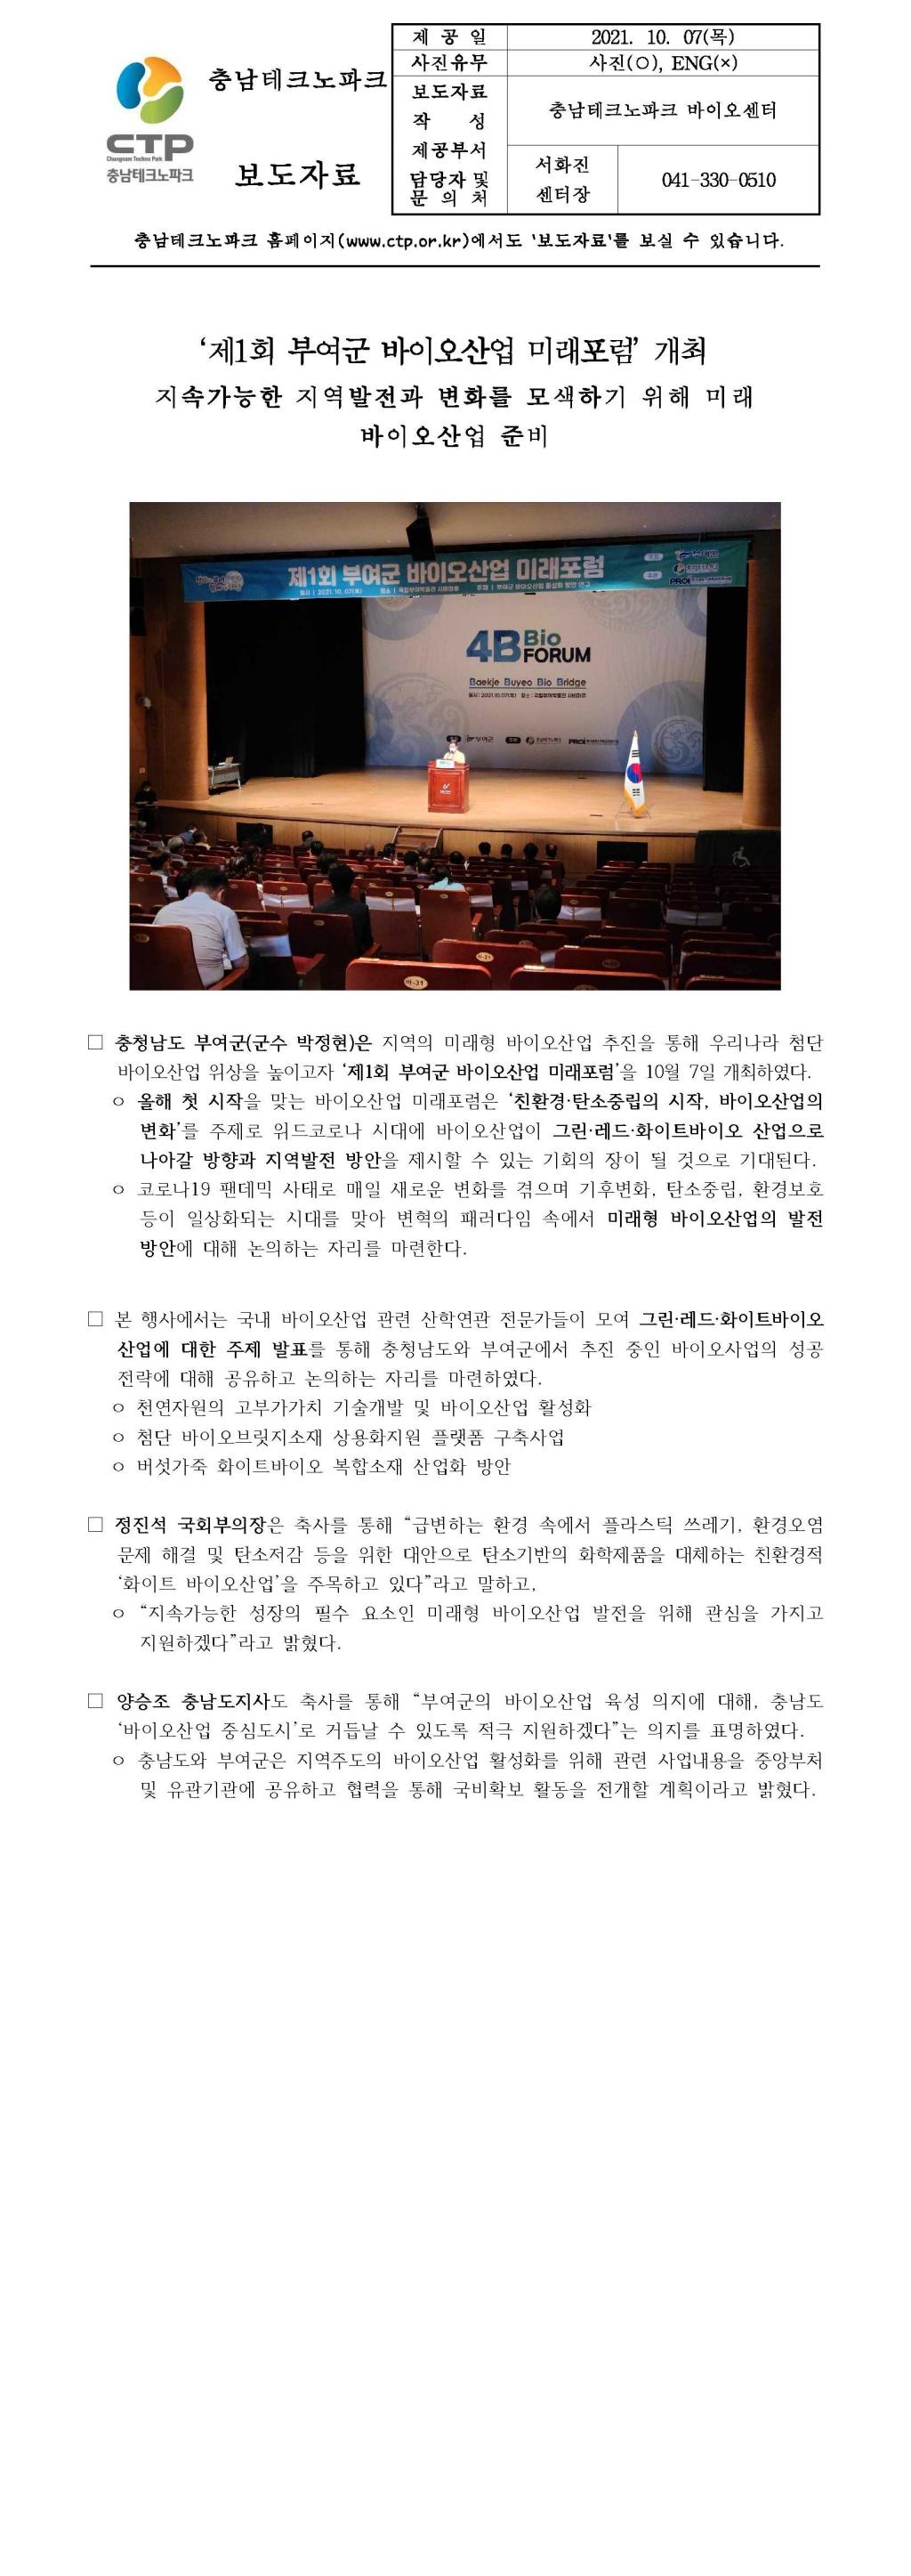 보도자료(안)-제1회 부여군 바이오산업 미래포럼 개최_1-down_1.jpg